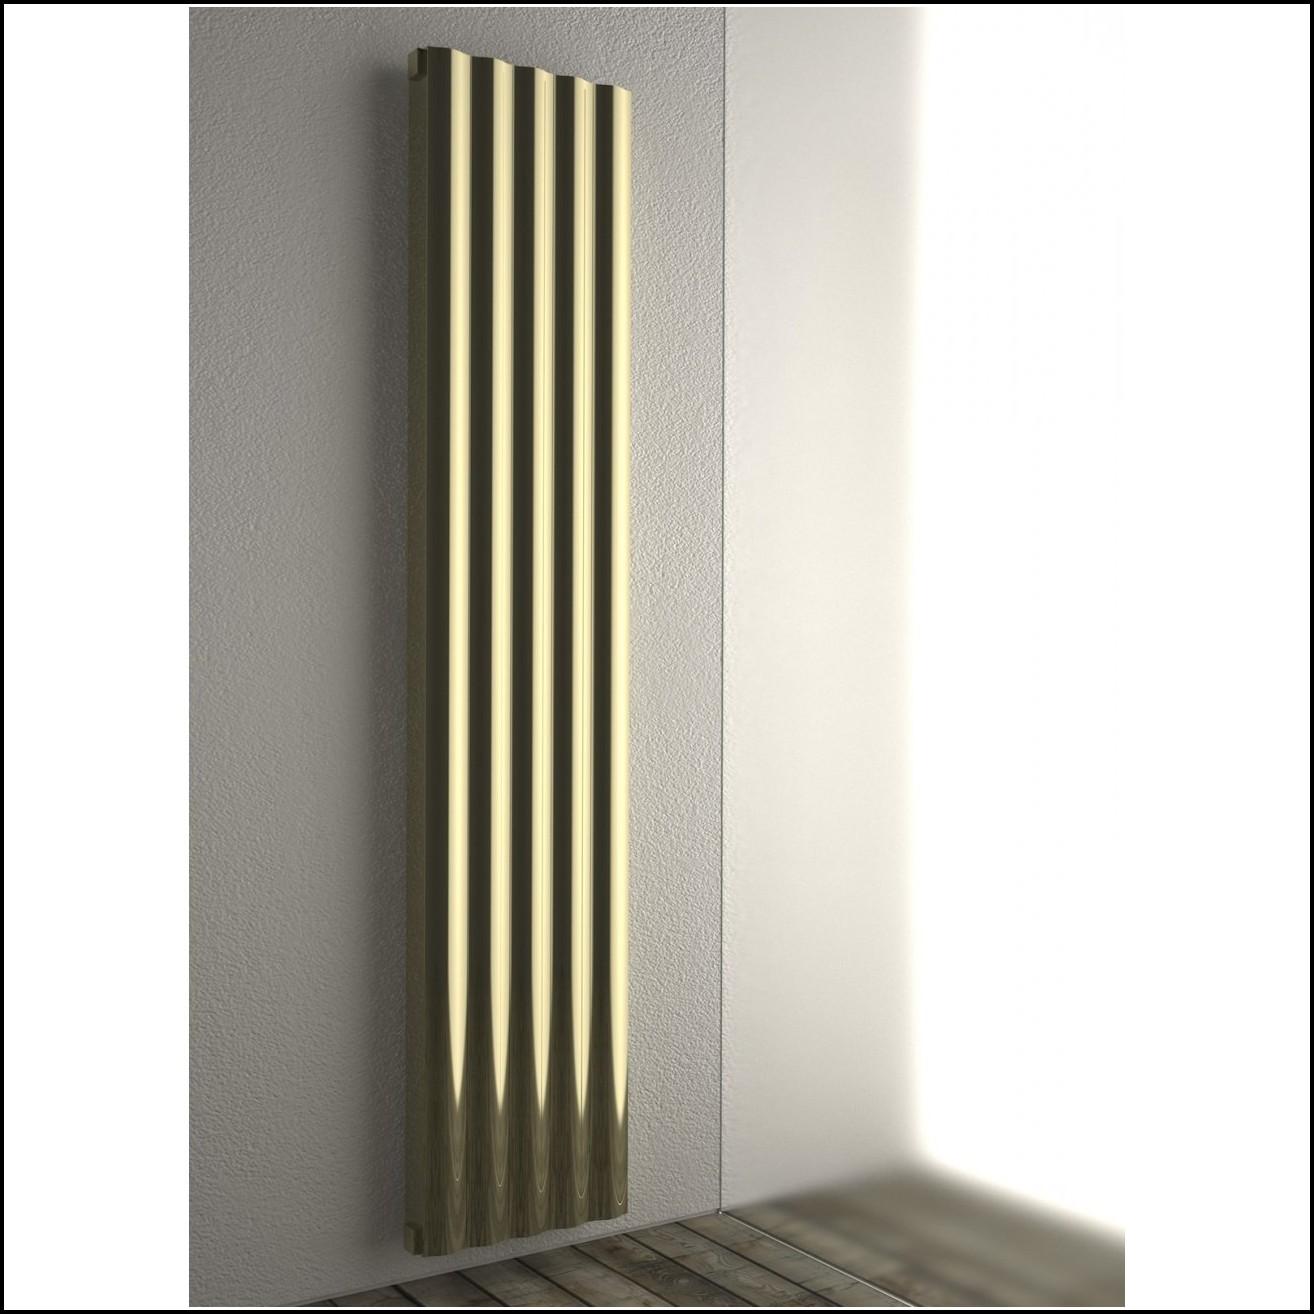 wohnzimmer heizk rper vertikal wohnzimmer house und dekor galerie pnwyoqorbn. Black Bedroom Furniture Sets. Home Design Ideas